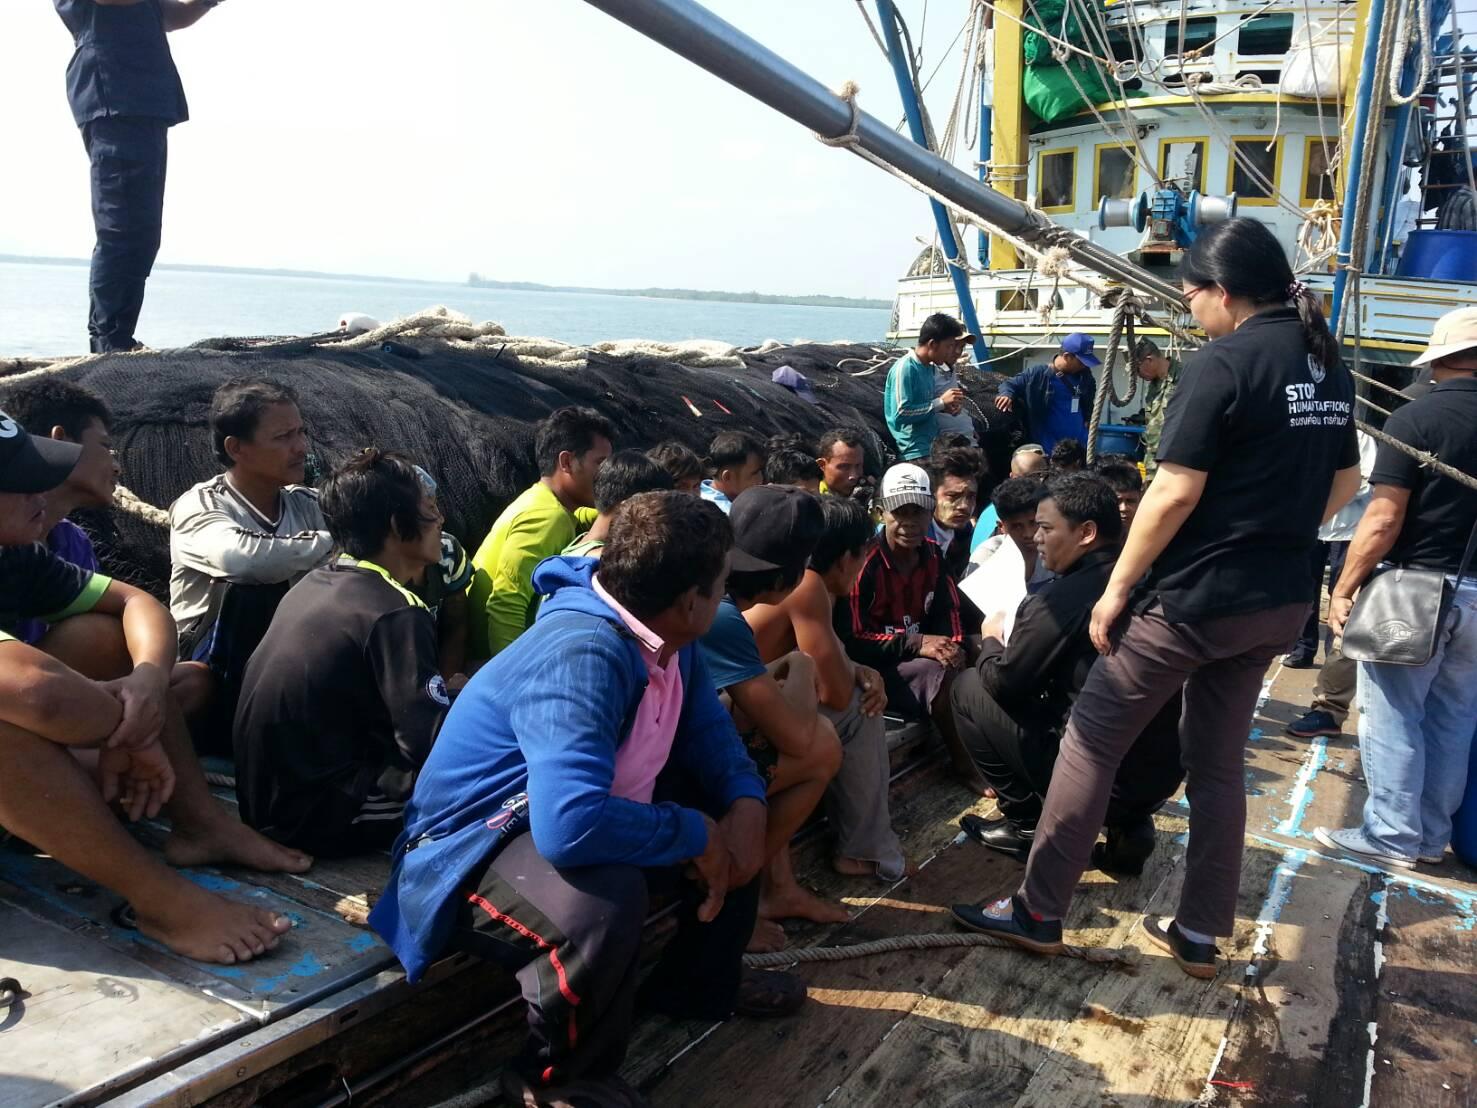 ร่วมตรวจสภาพการจ้าง สภาพการทำงานและการค้ามนุษย์ด้านแรงงานในเรือประมงทะเล